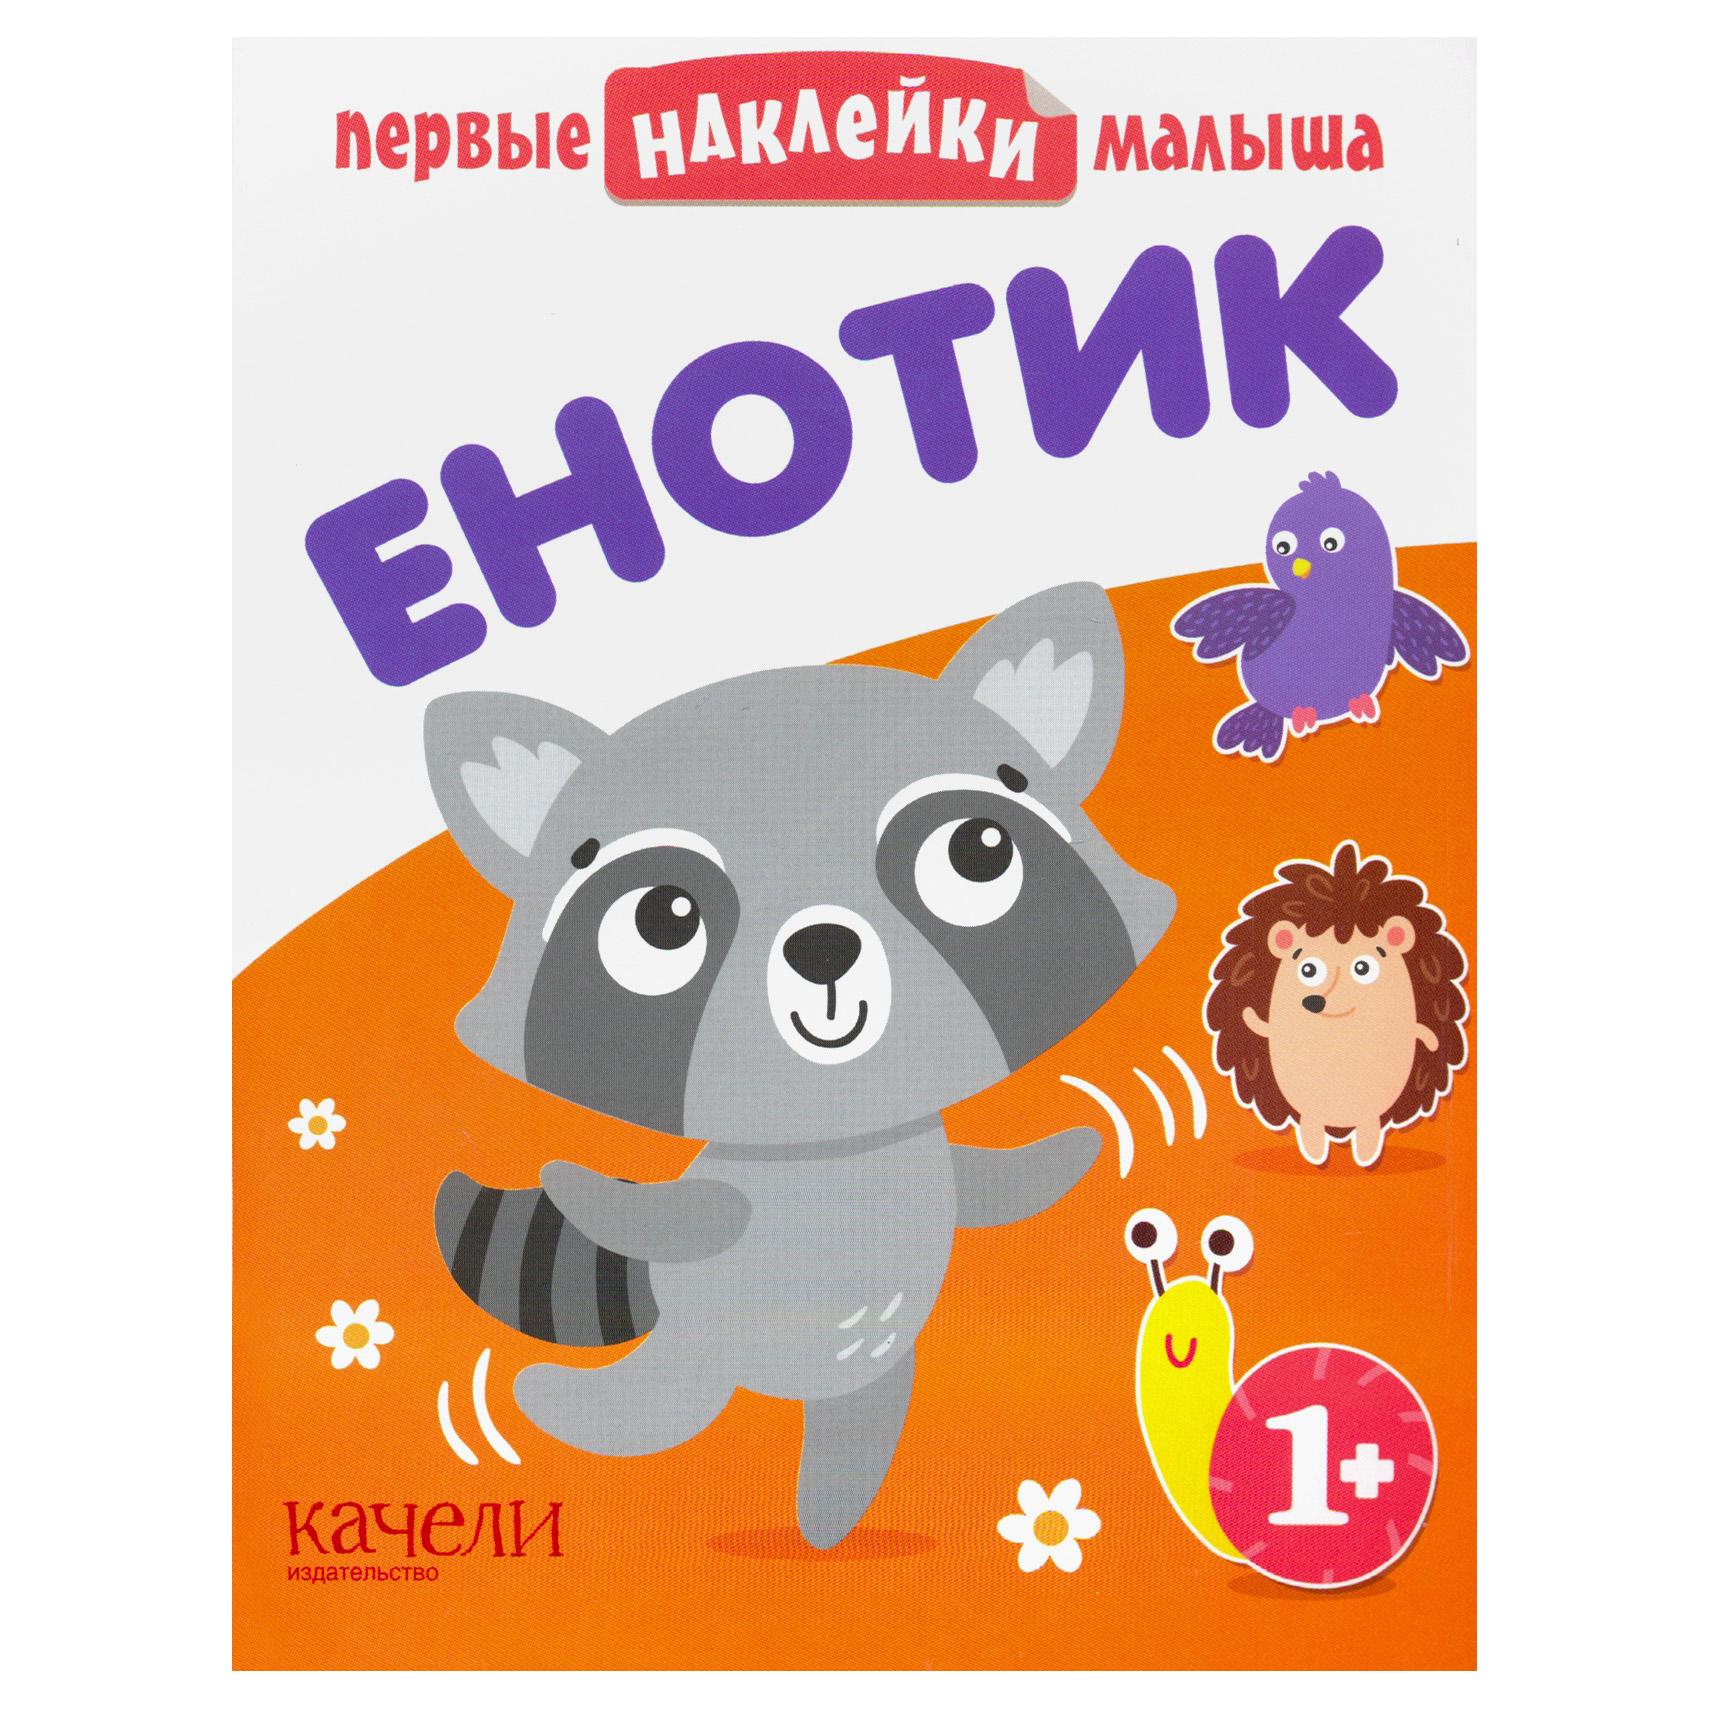 Книжка Качели Первые наклейки малыша. Енотик